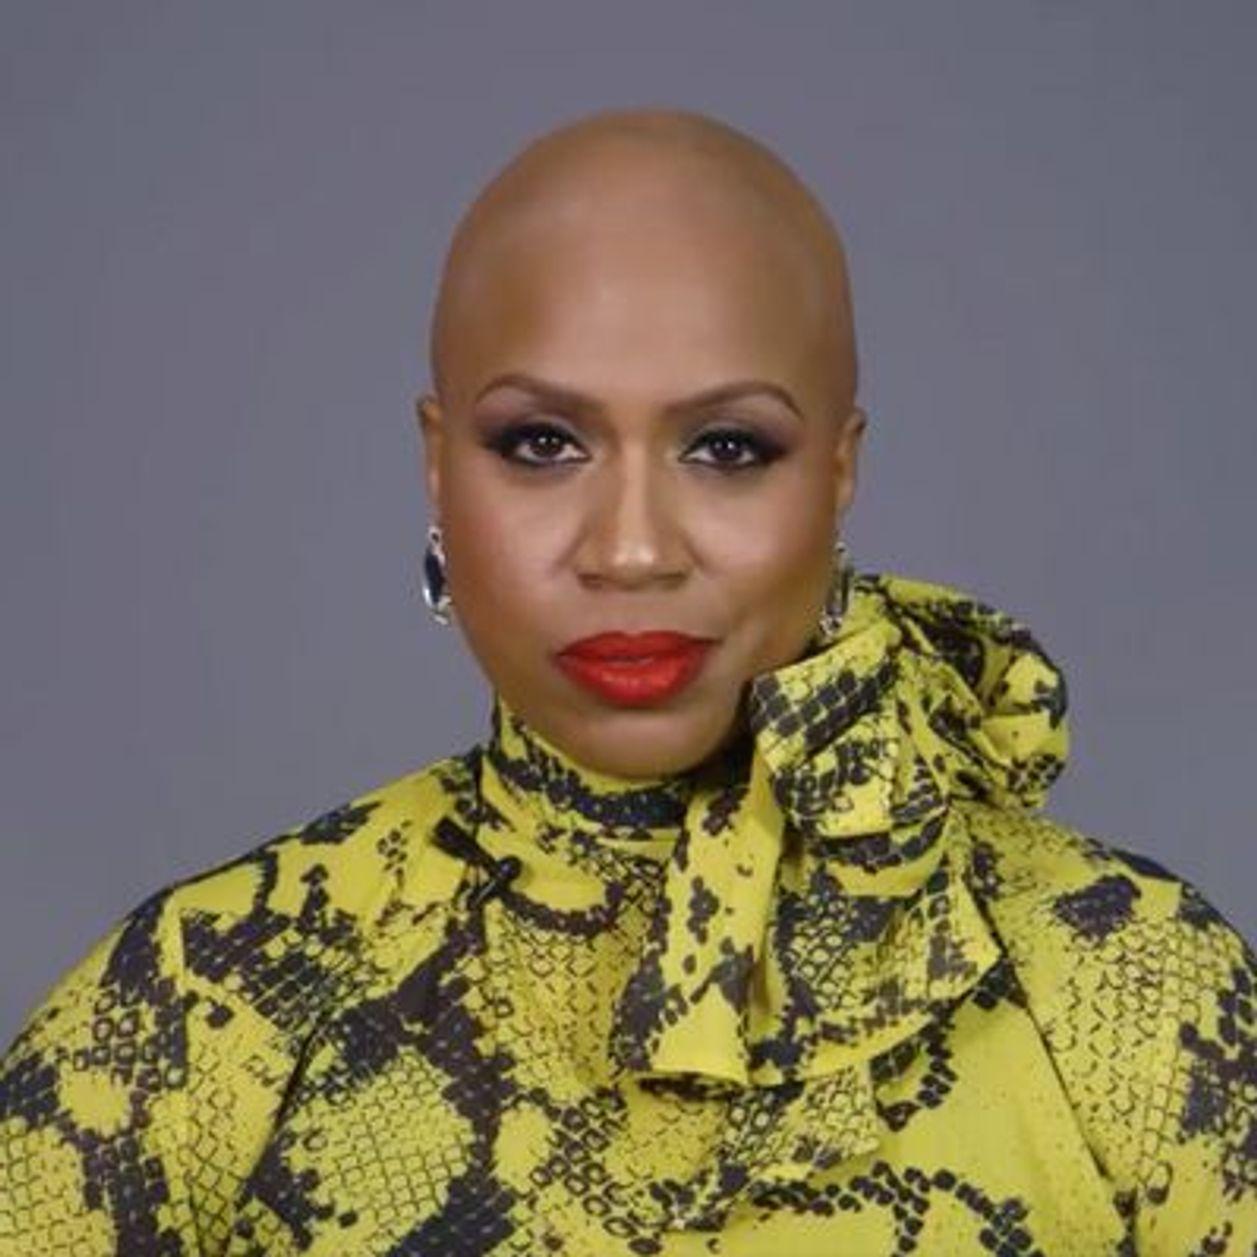 L'élue américaine Ayanna Pressley révèle souffrir d'alopécie, son témoignage devient viral